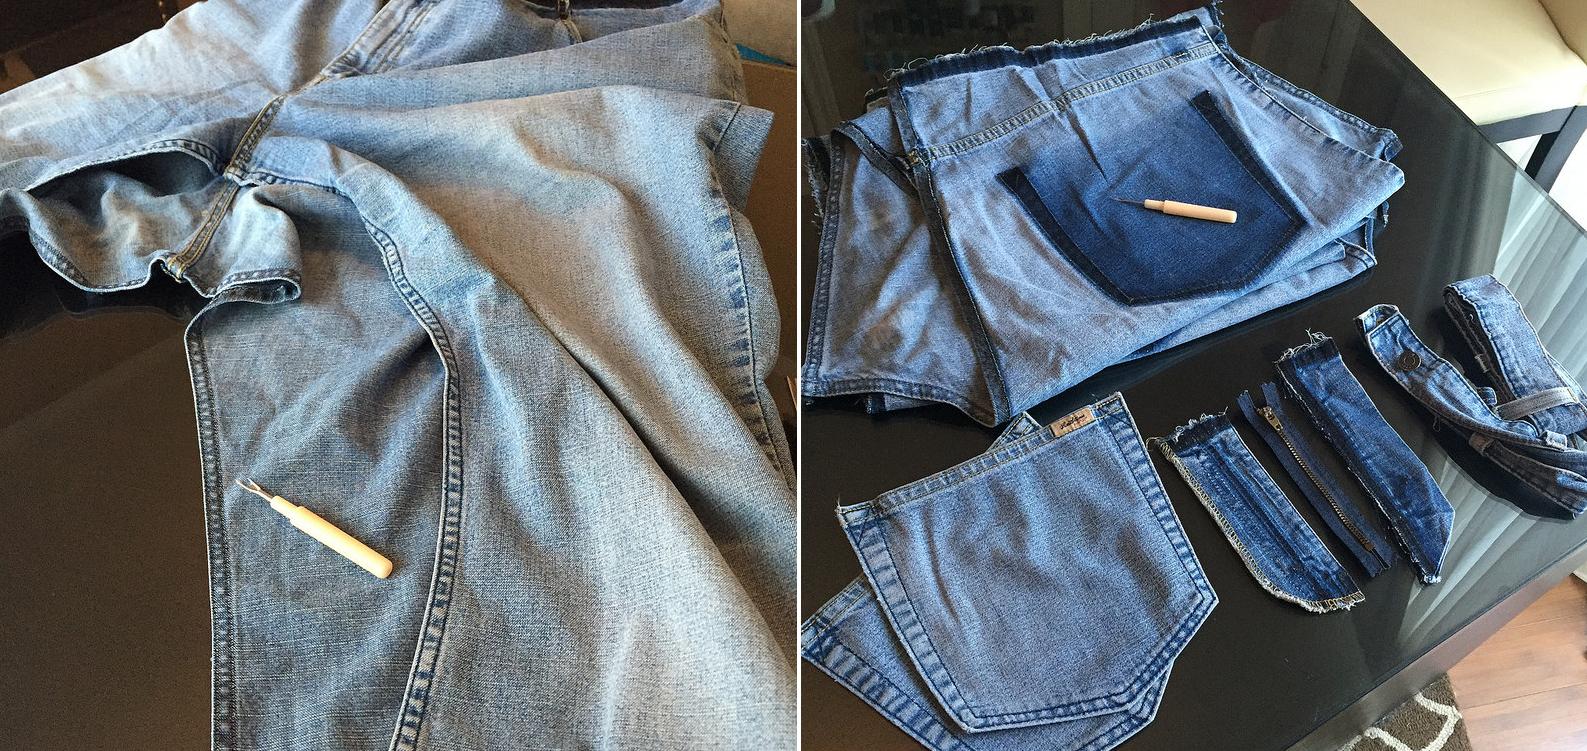 Como hacer blusas modelo túnica con jeans reciclados ¡Perfecta para el verano!3